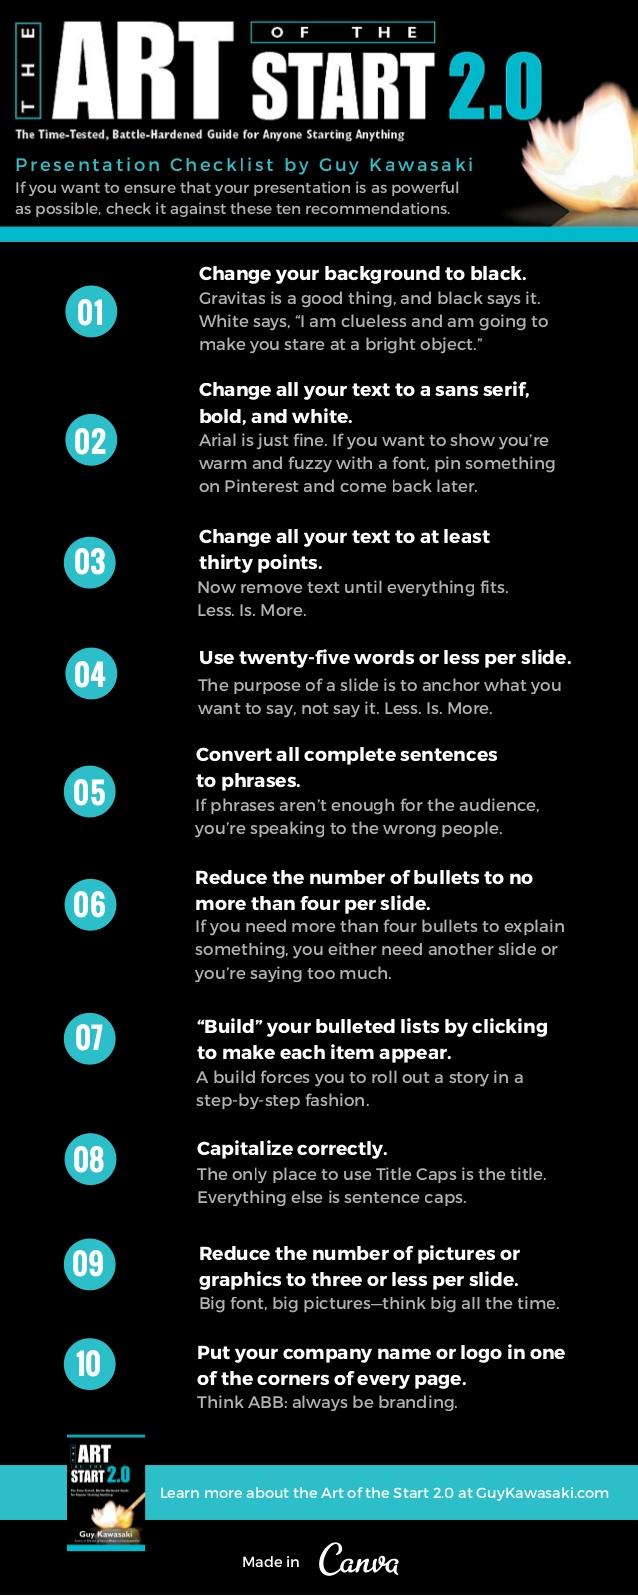 10 consejos de Guy Kawasaki para presentaciones